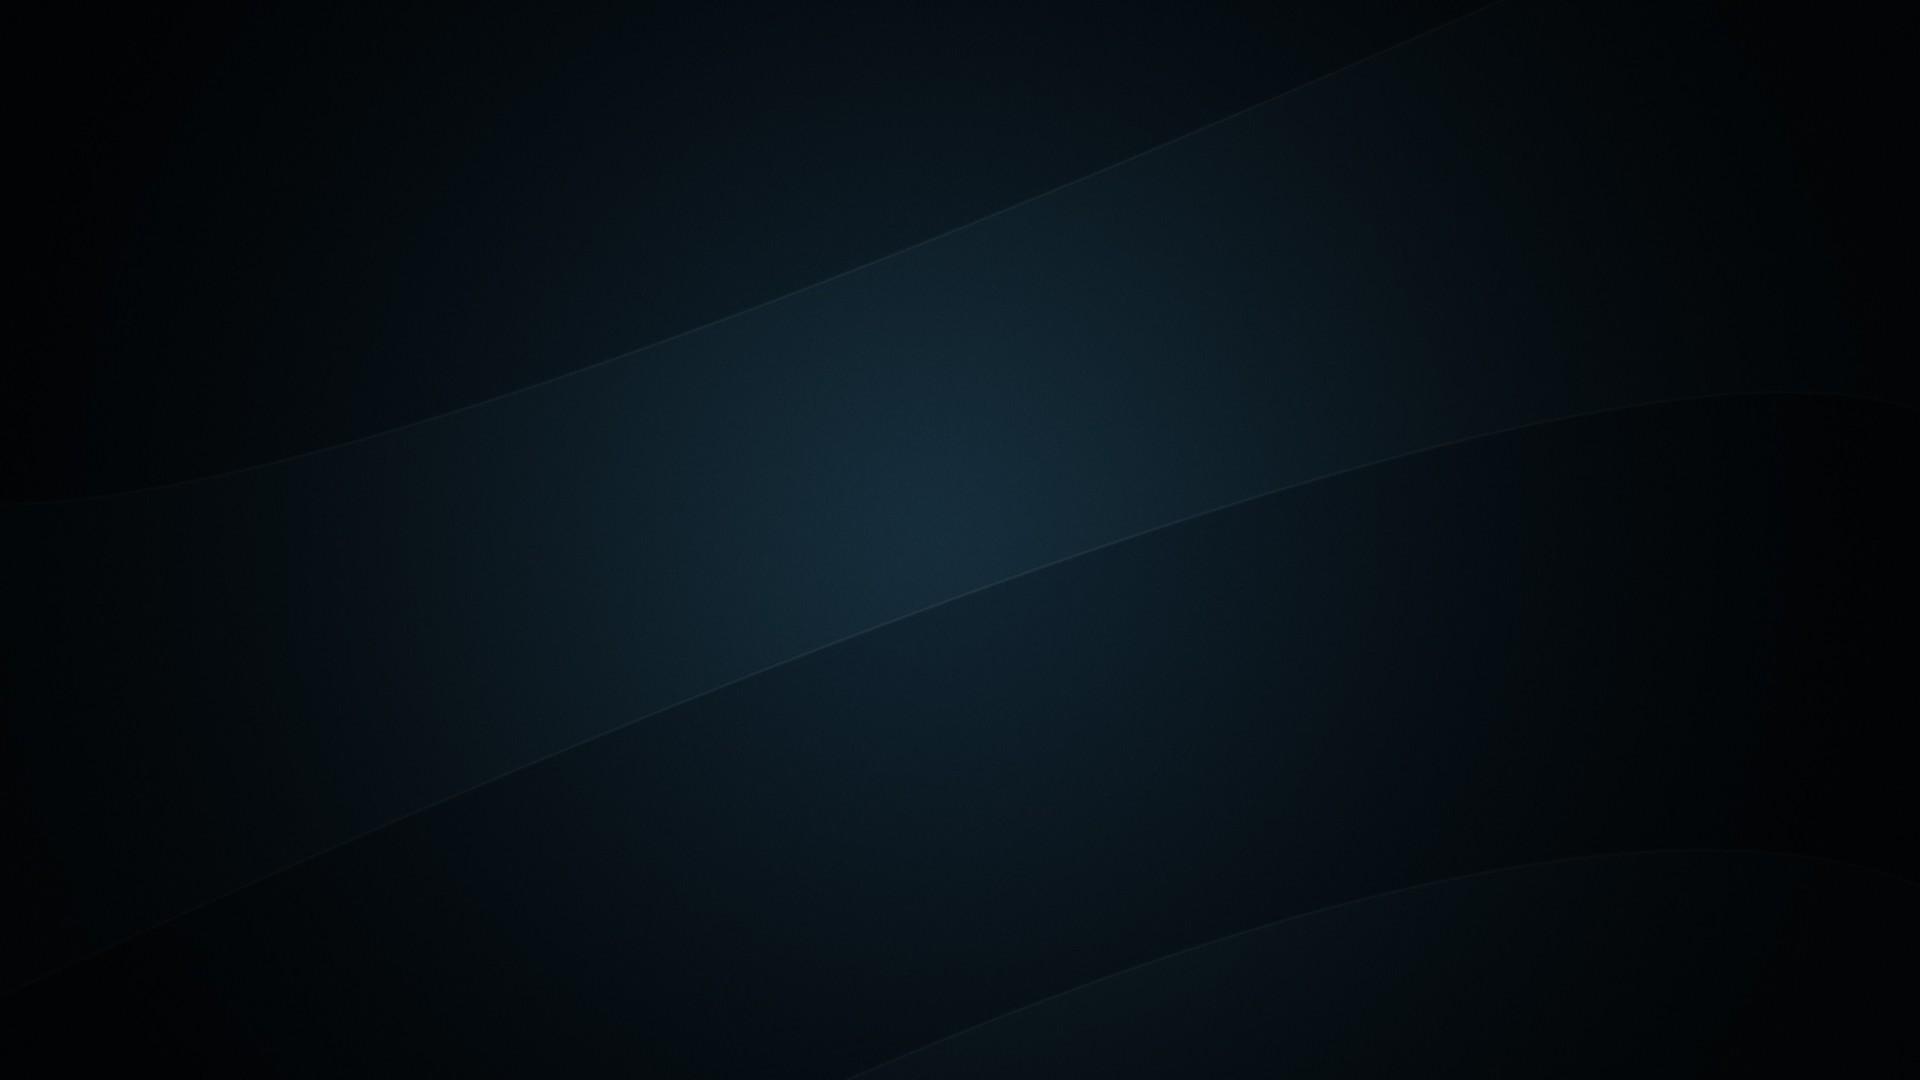 Solid Black Wallpaper ·â' WallpaperTag